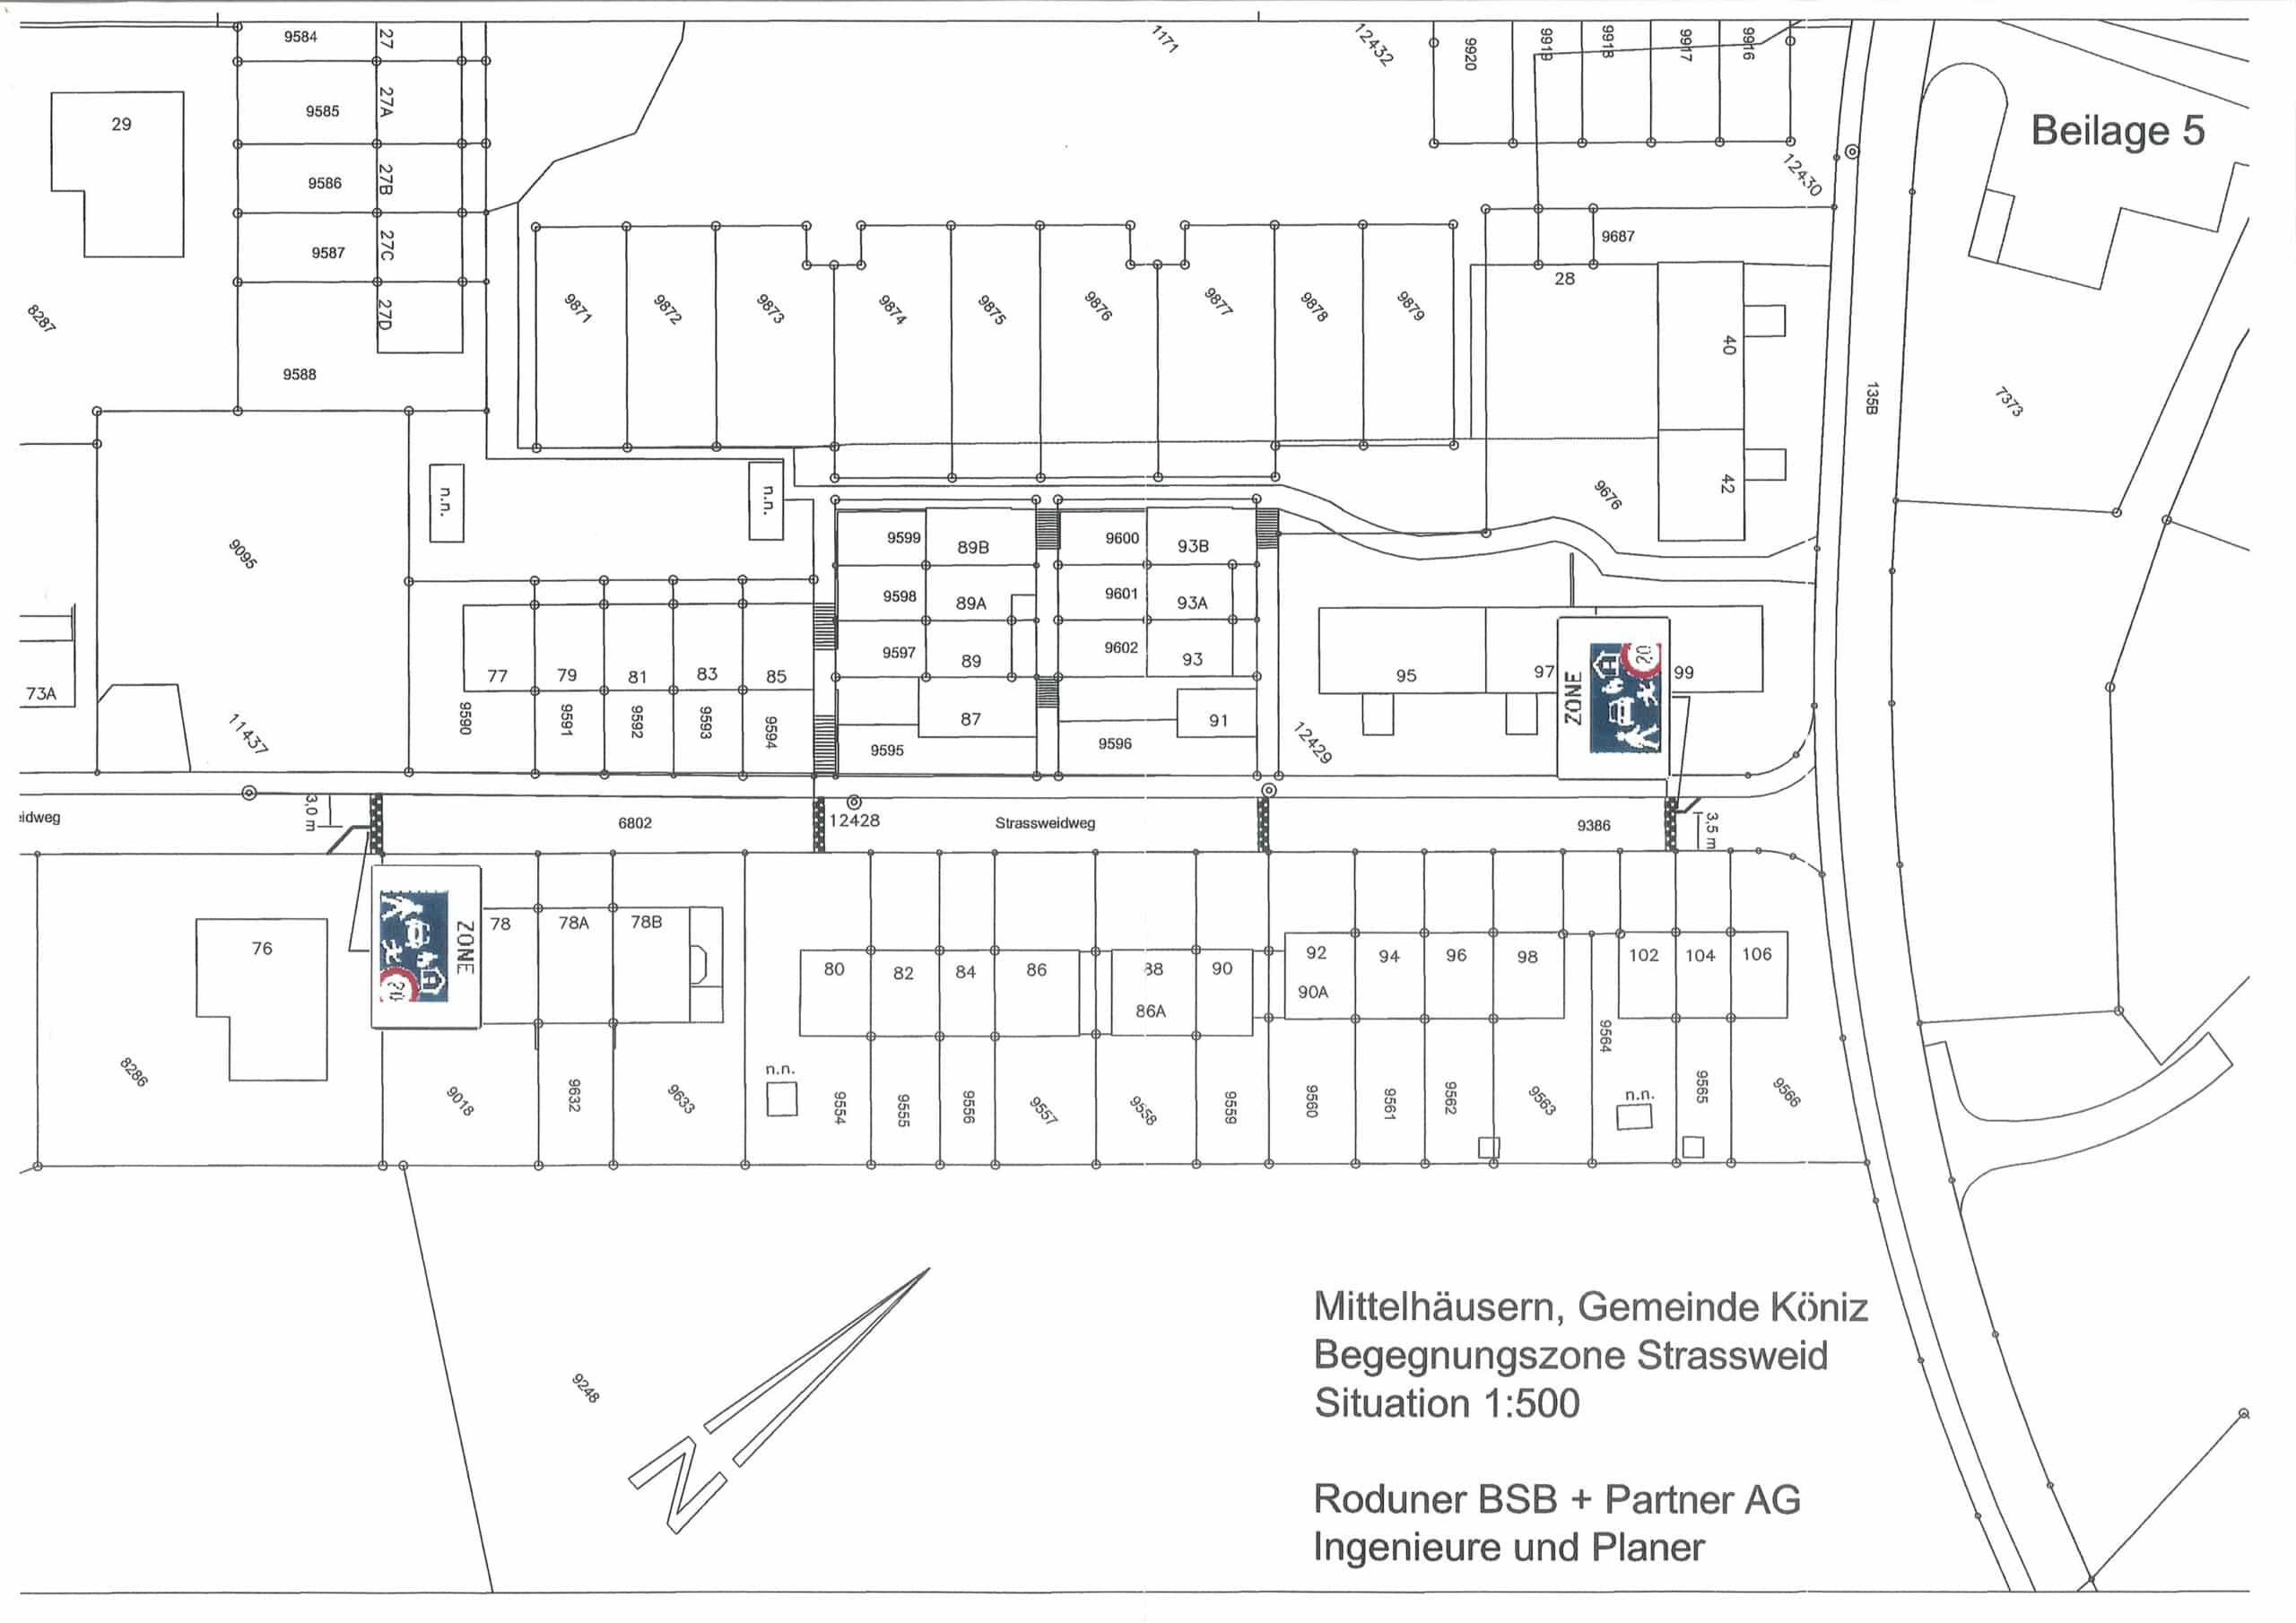 Strassweid_Begegnungszone